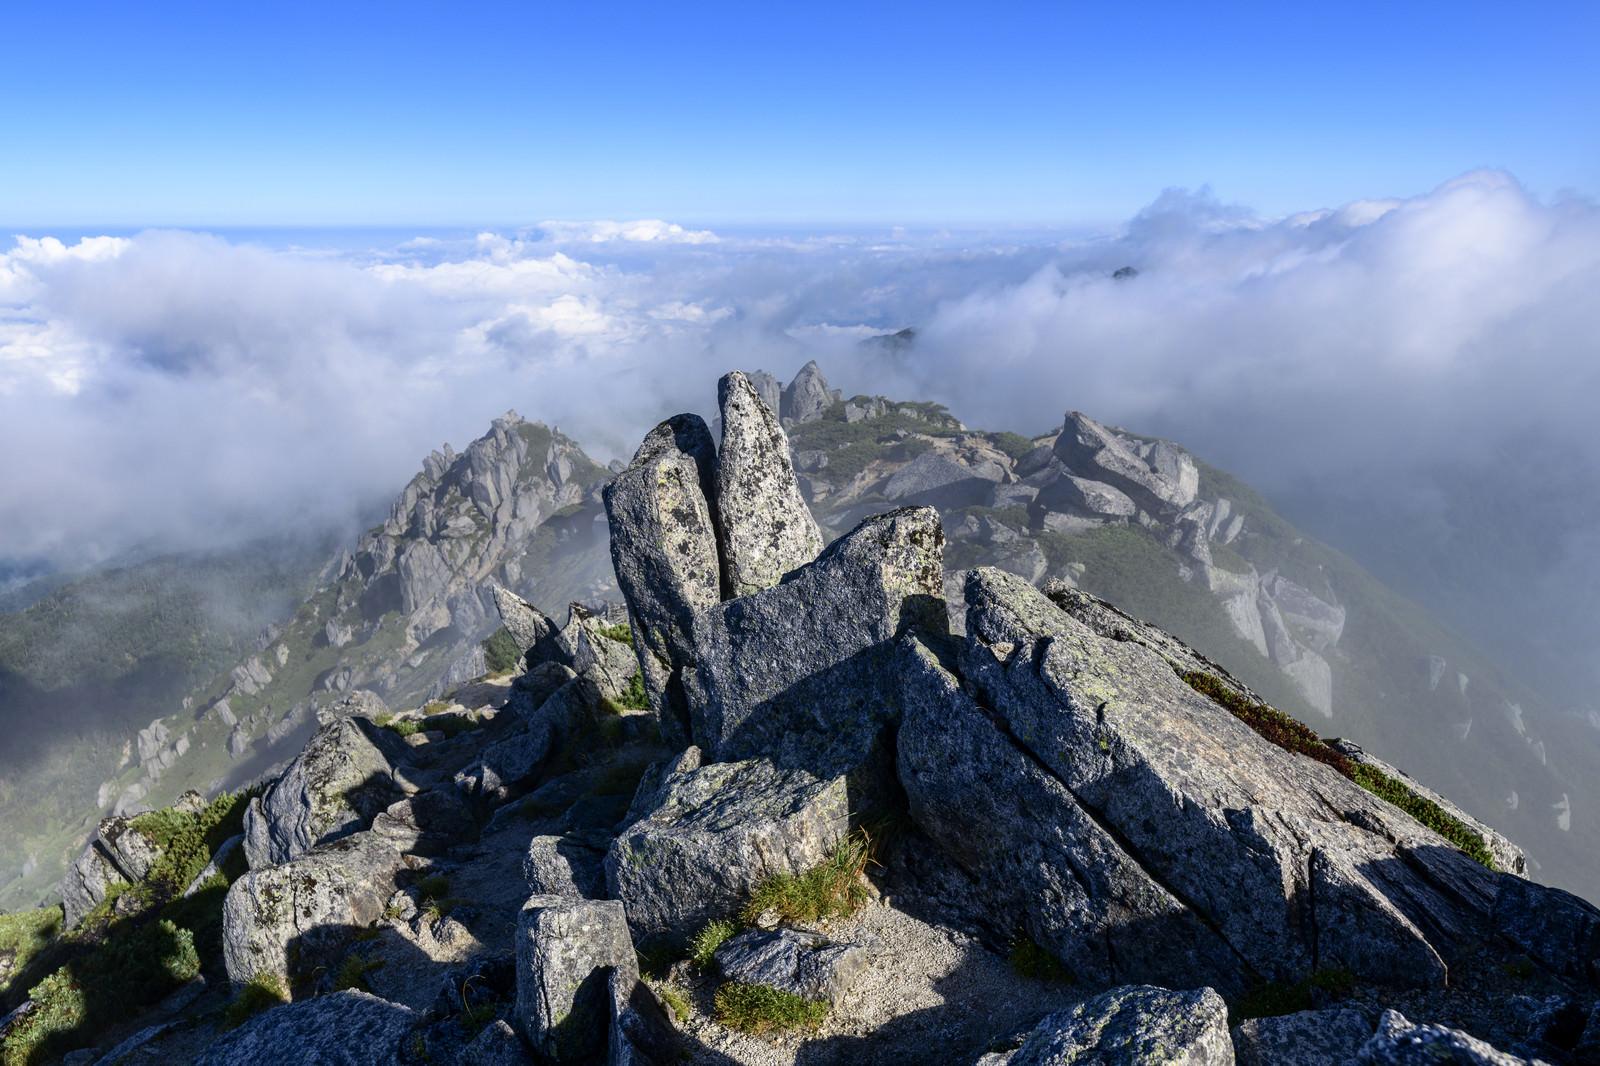 「空木岳山頂から見た稜線と雲海」の写真